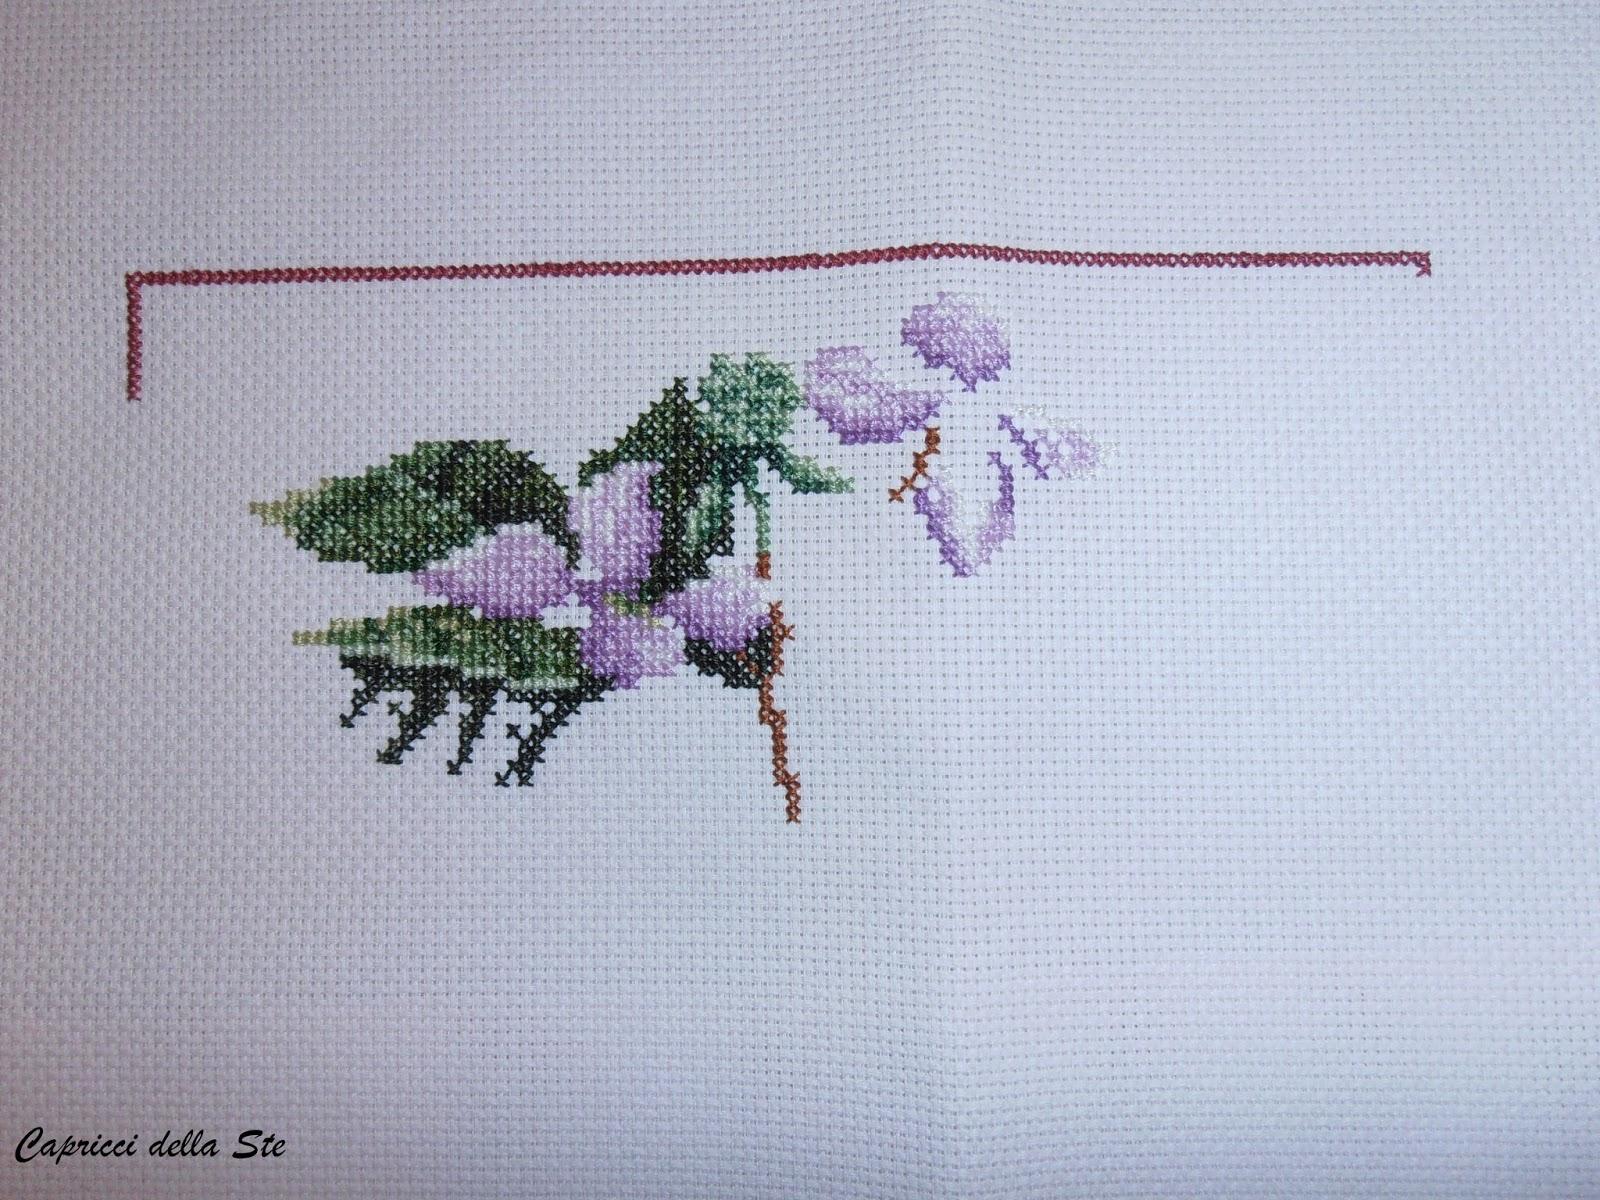 Capricci della ste punto croce fiori e farfalle 6 for Punto croce fiori e farfalle